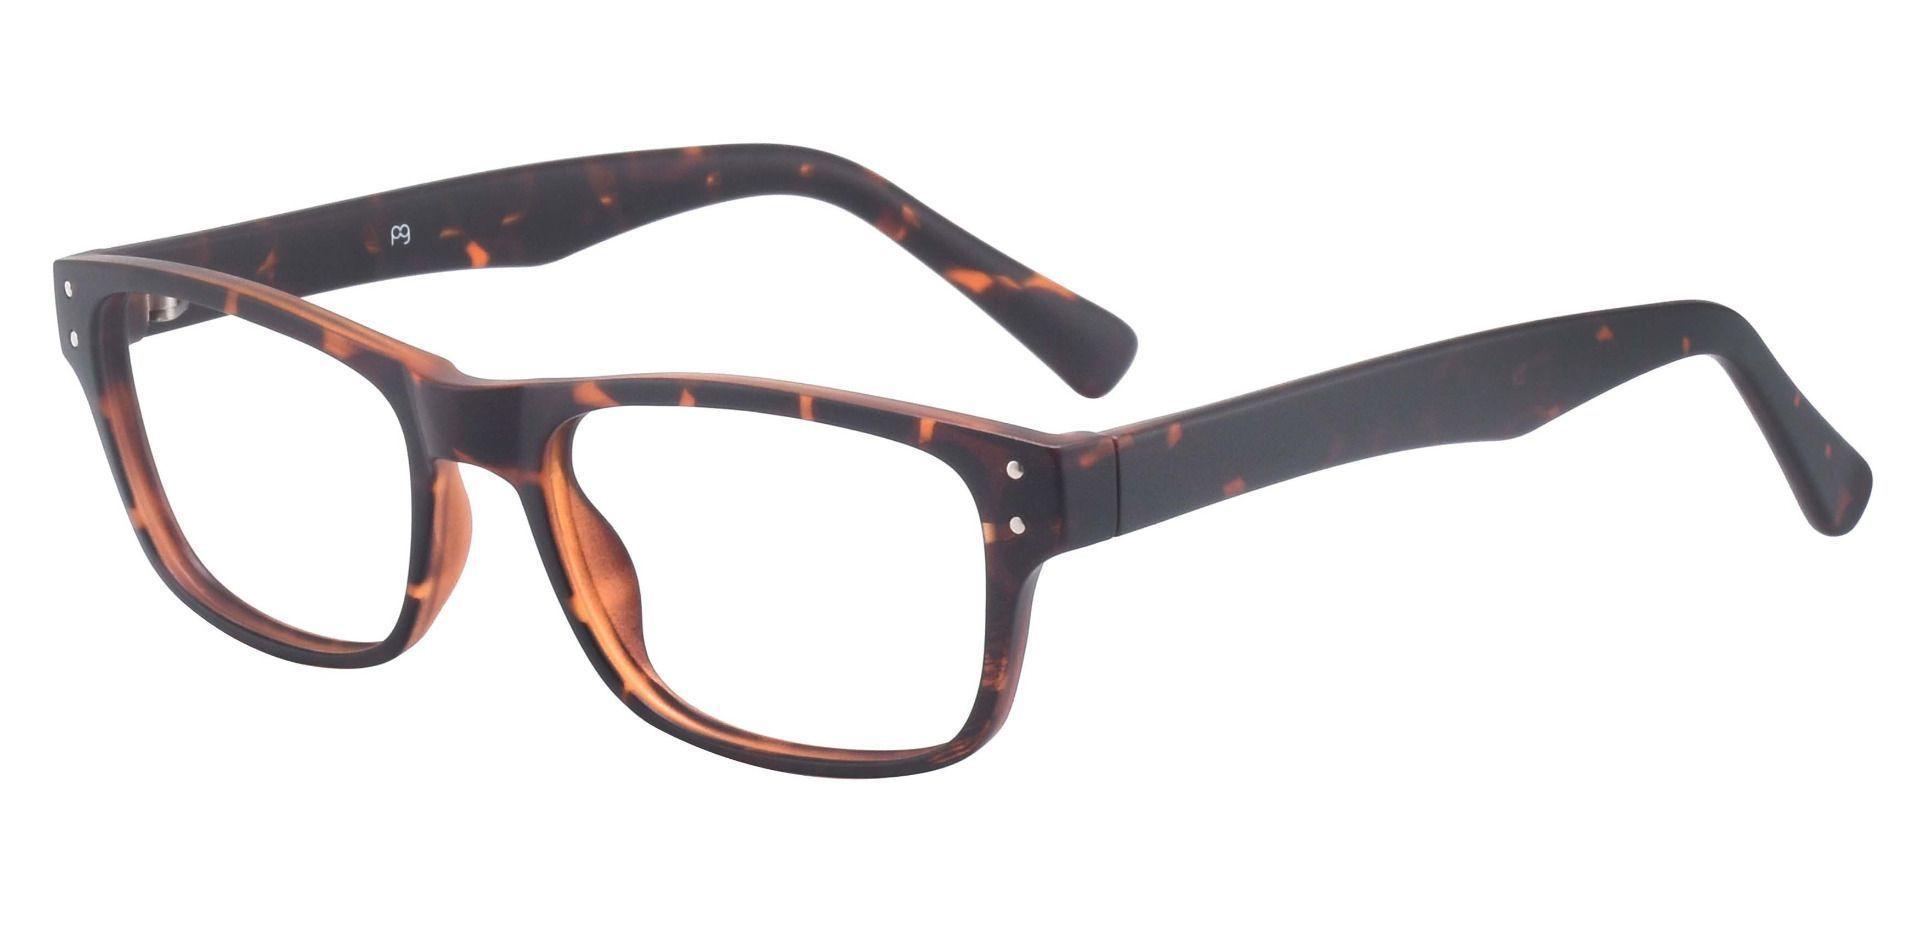 Erie Rectangle Prescription Glasses - Tortoise